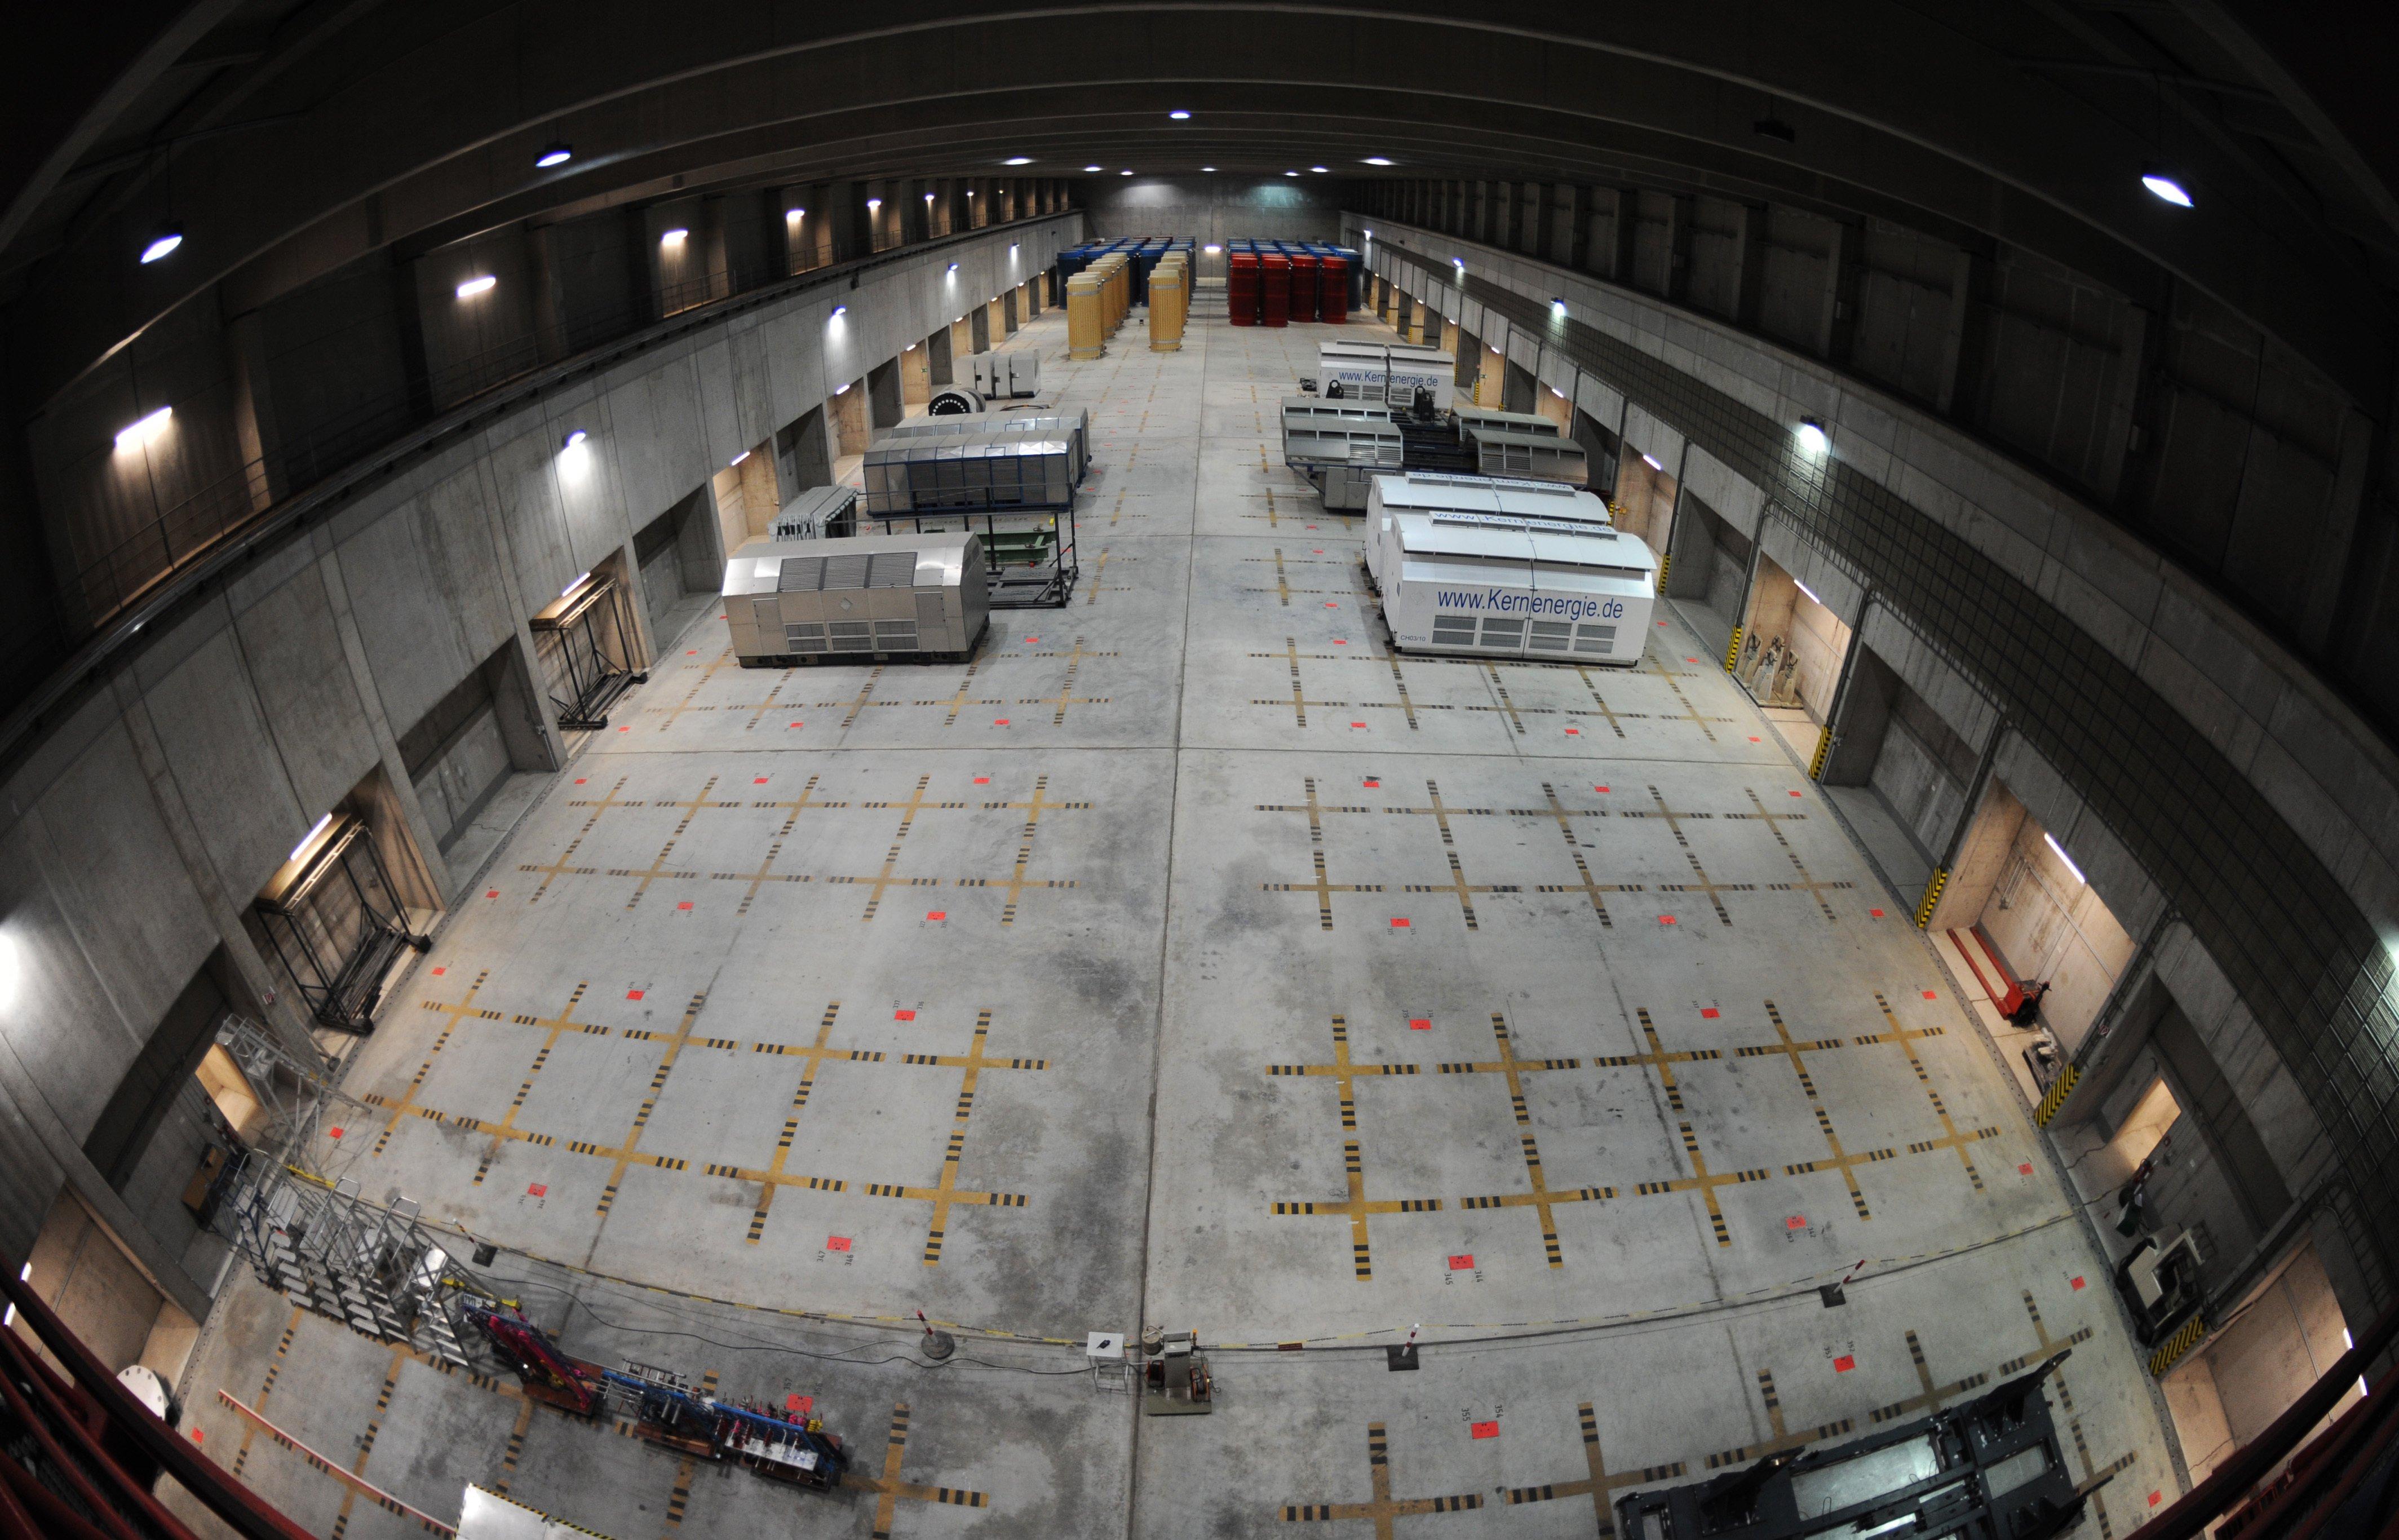 Behälter mit hoch radioaktiven Abfällen (hinten) und einige Transporthauben im Transportbehälterlager im atomaren Zwischenlager in Gorleben: Die Energiekonzerne wollen das Risiko für Abriss ihrer Meiler und die Lagerung der Brennstäbe auf den Bund abwälzen.